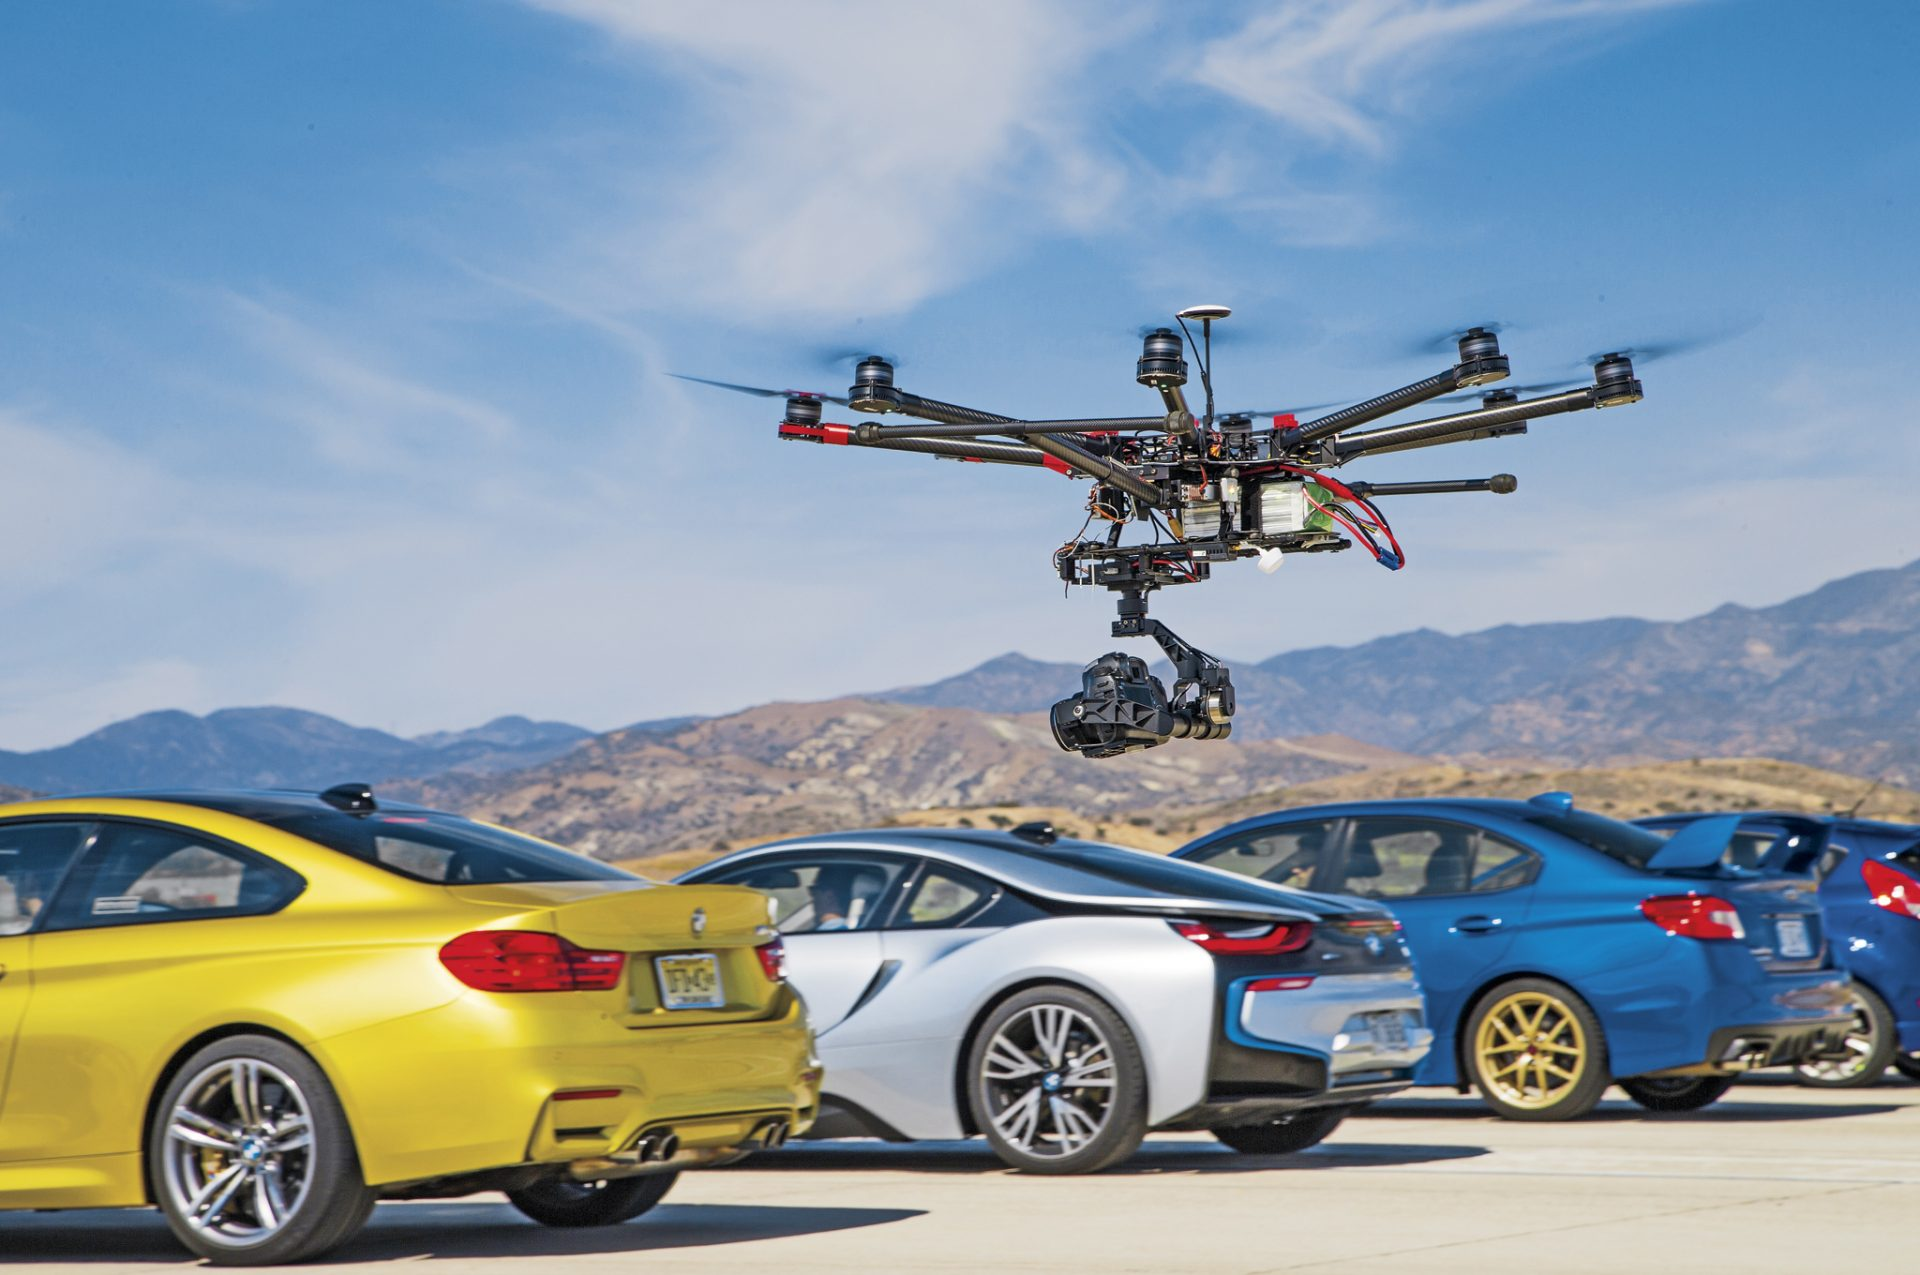 semka-s-drona-avtomobilej